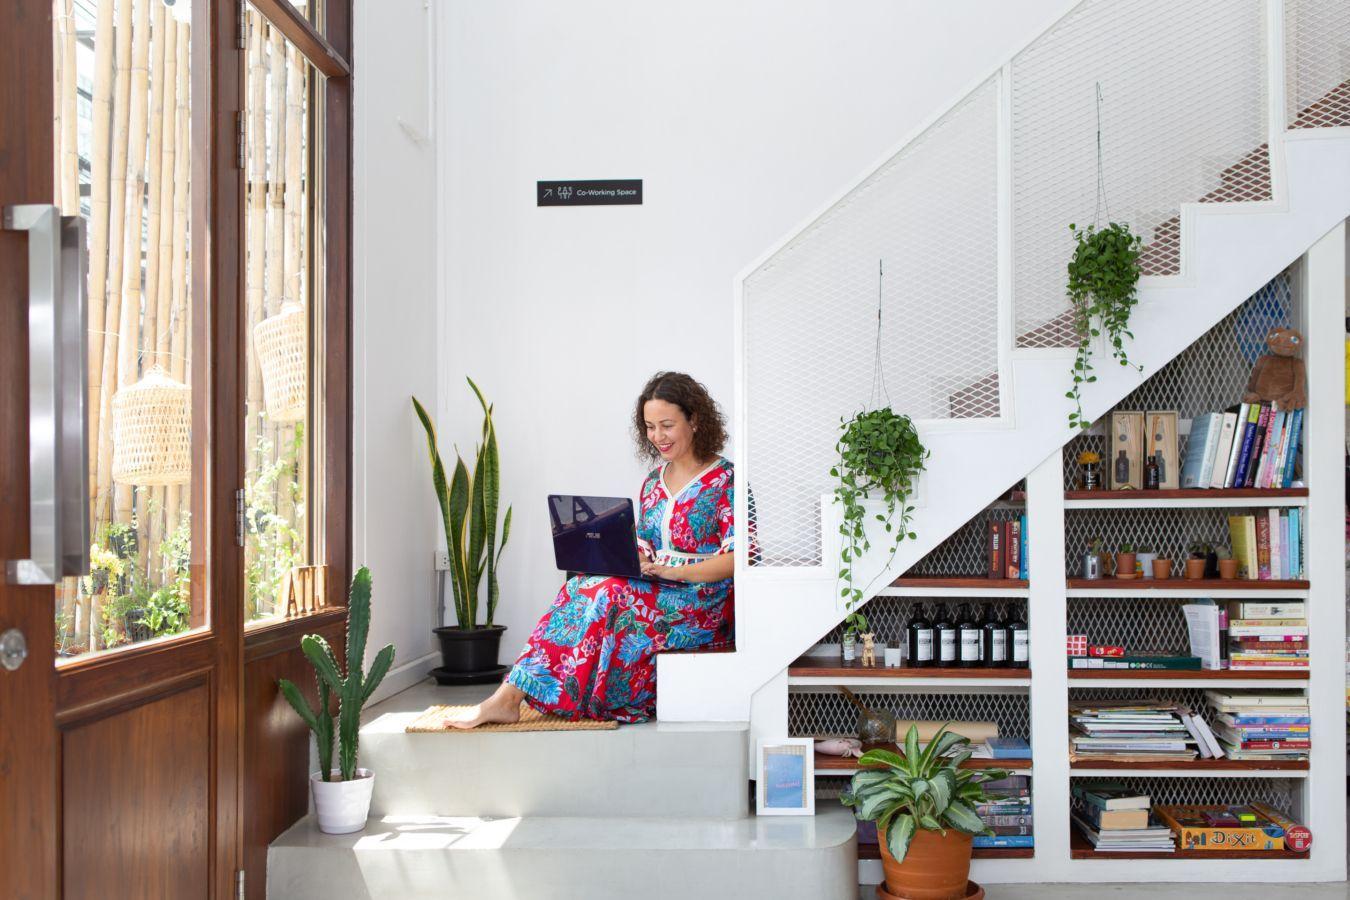 El coworking LITA Bangkok es un alojamiento para viajeros y nómadas digitales que se preocupa por la sostenibilidad y la reducción de residuos | Gastronomadistas